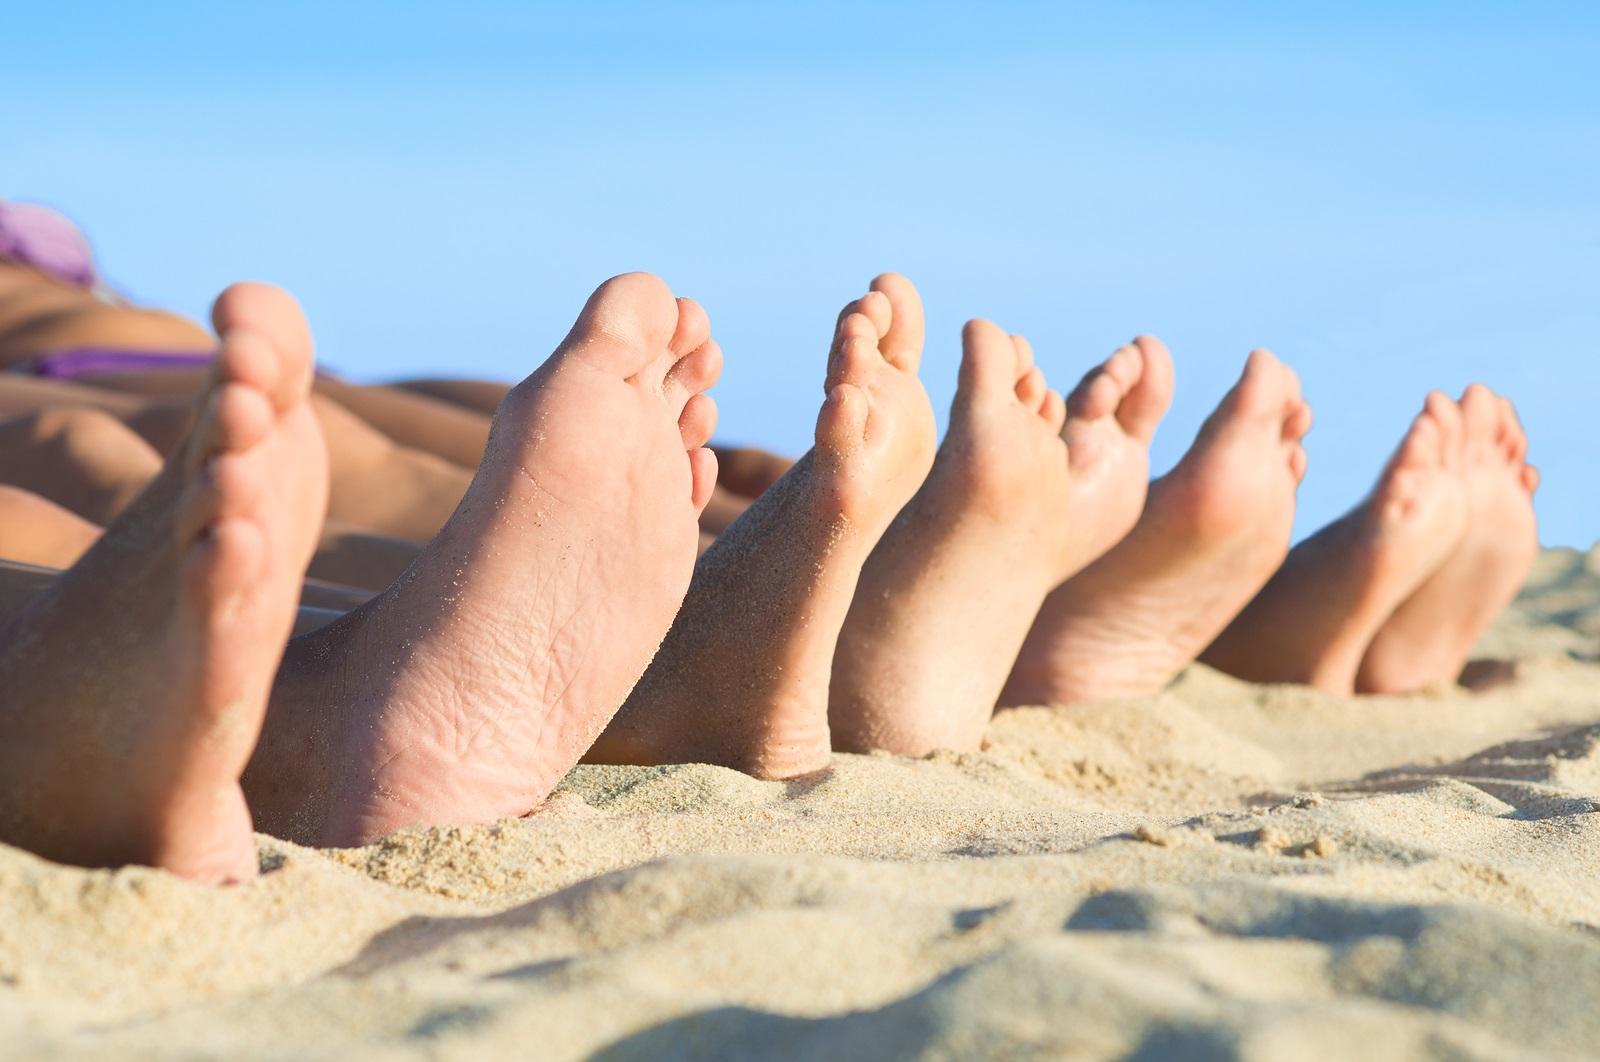 Feet_Beach_Sky_43071631_S_.jpg